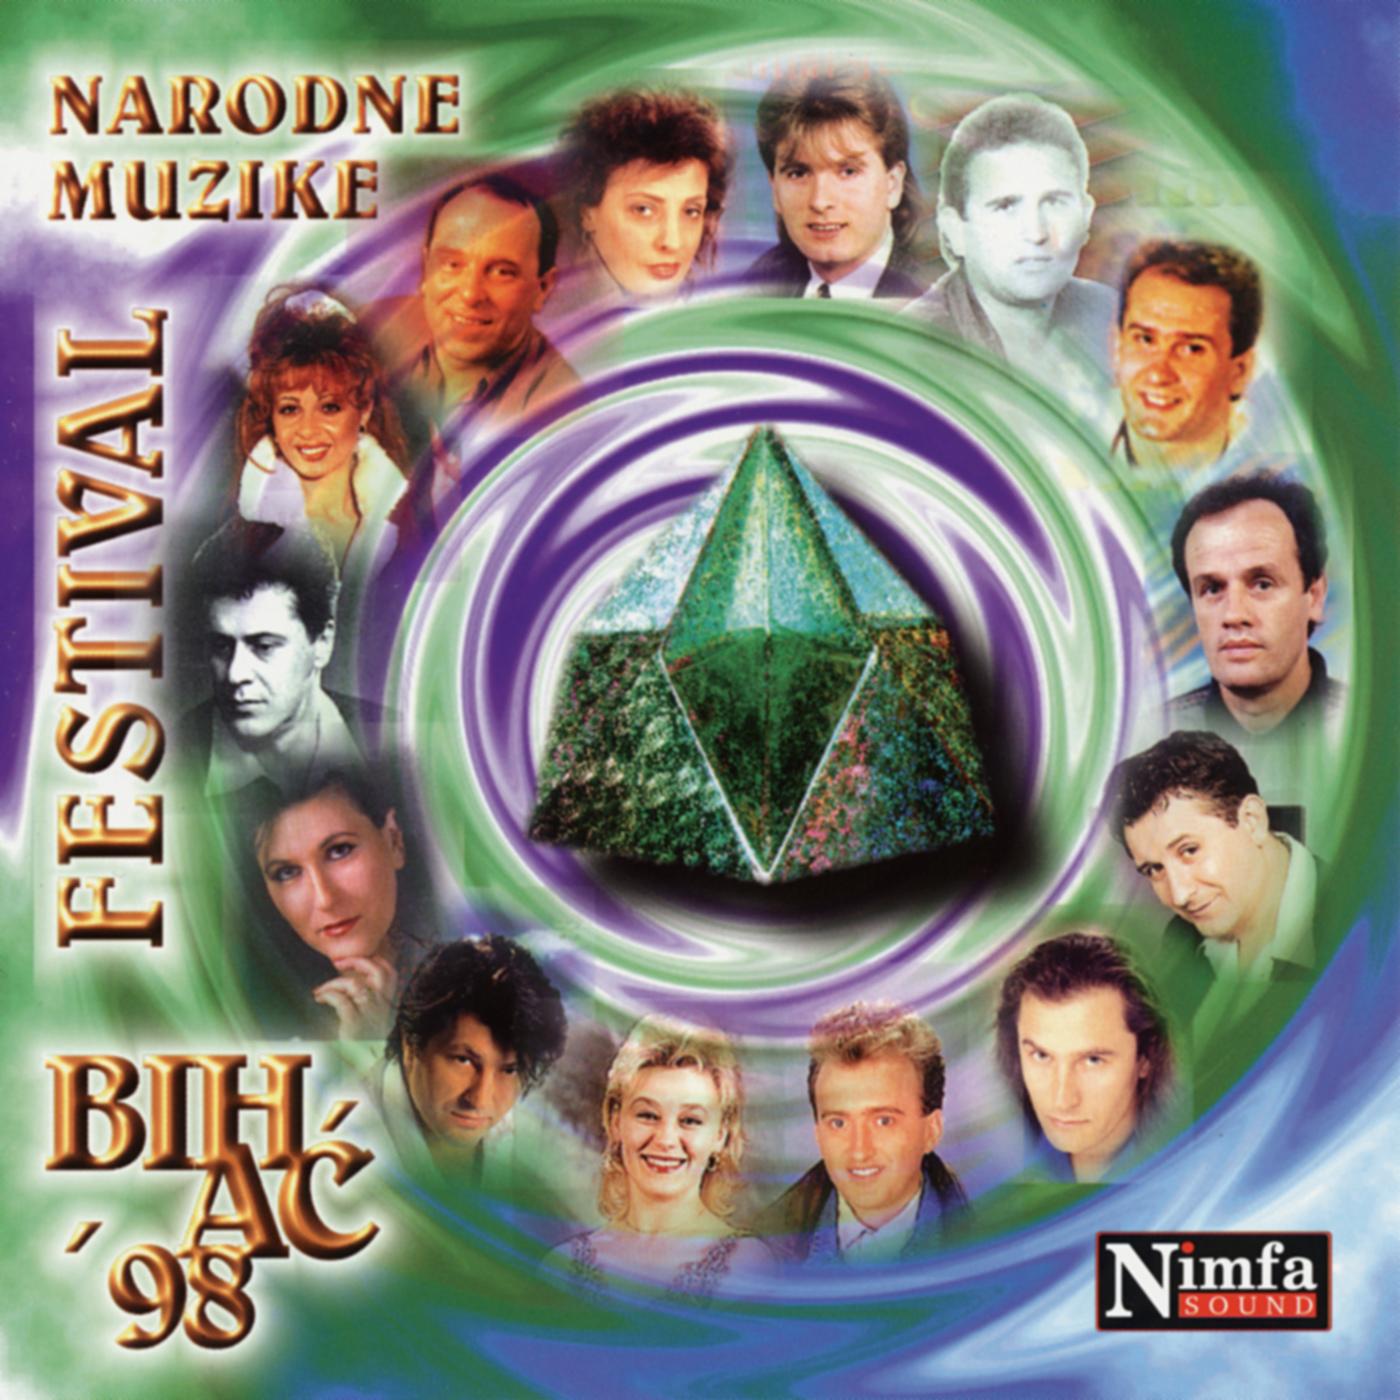 bihac 1998